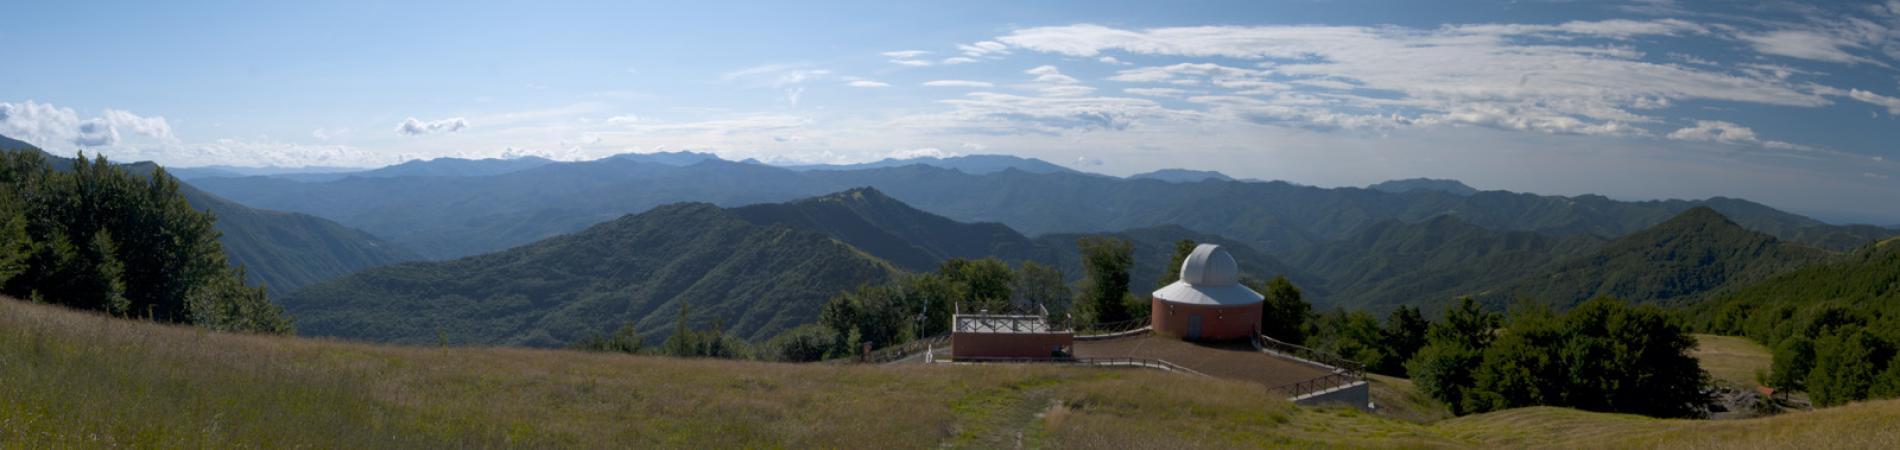 Zona Omogenea - Trebbia e alta val Bisagno - Banner